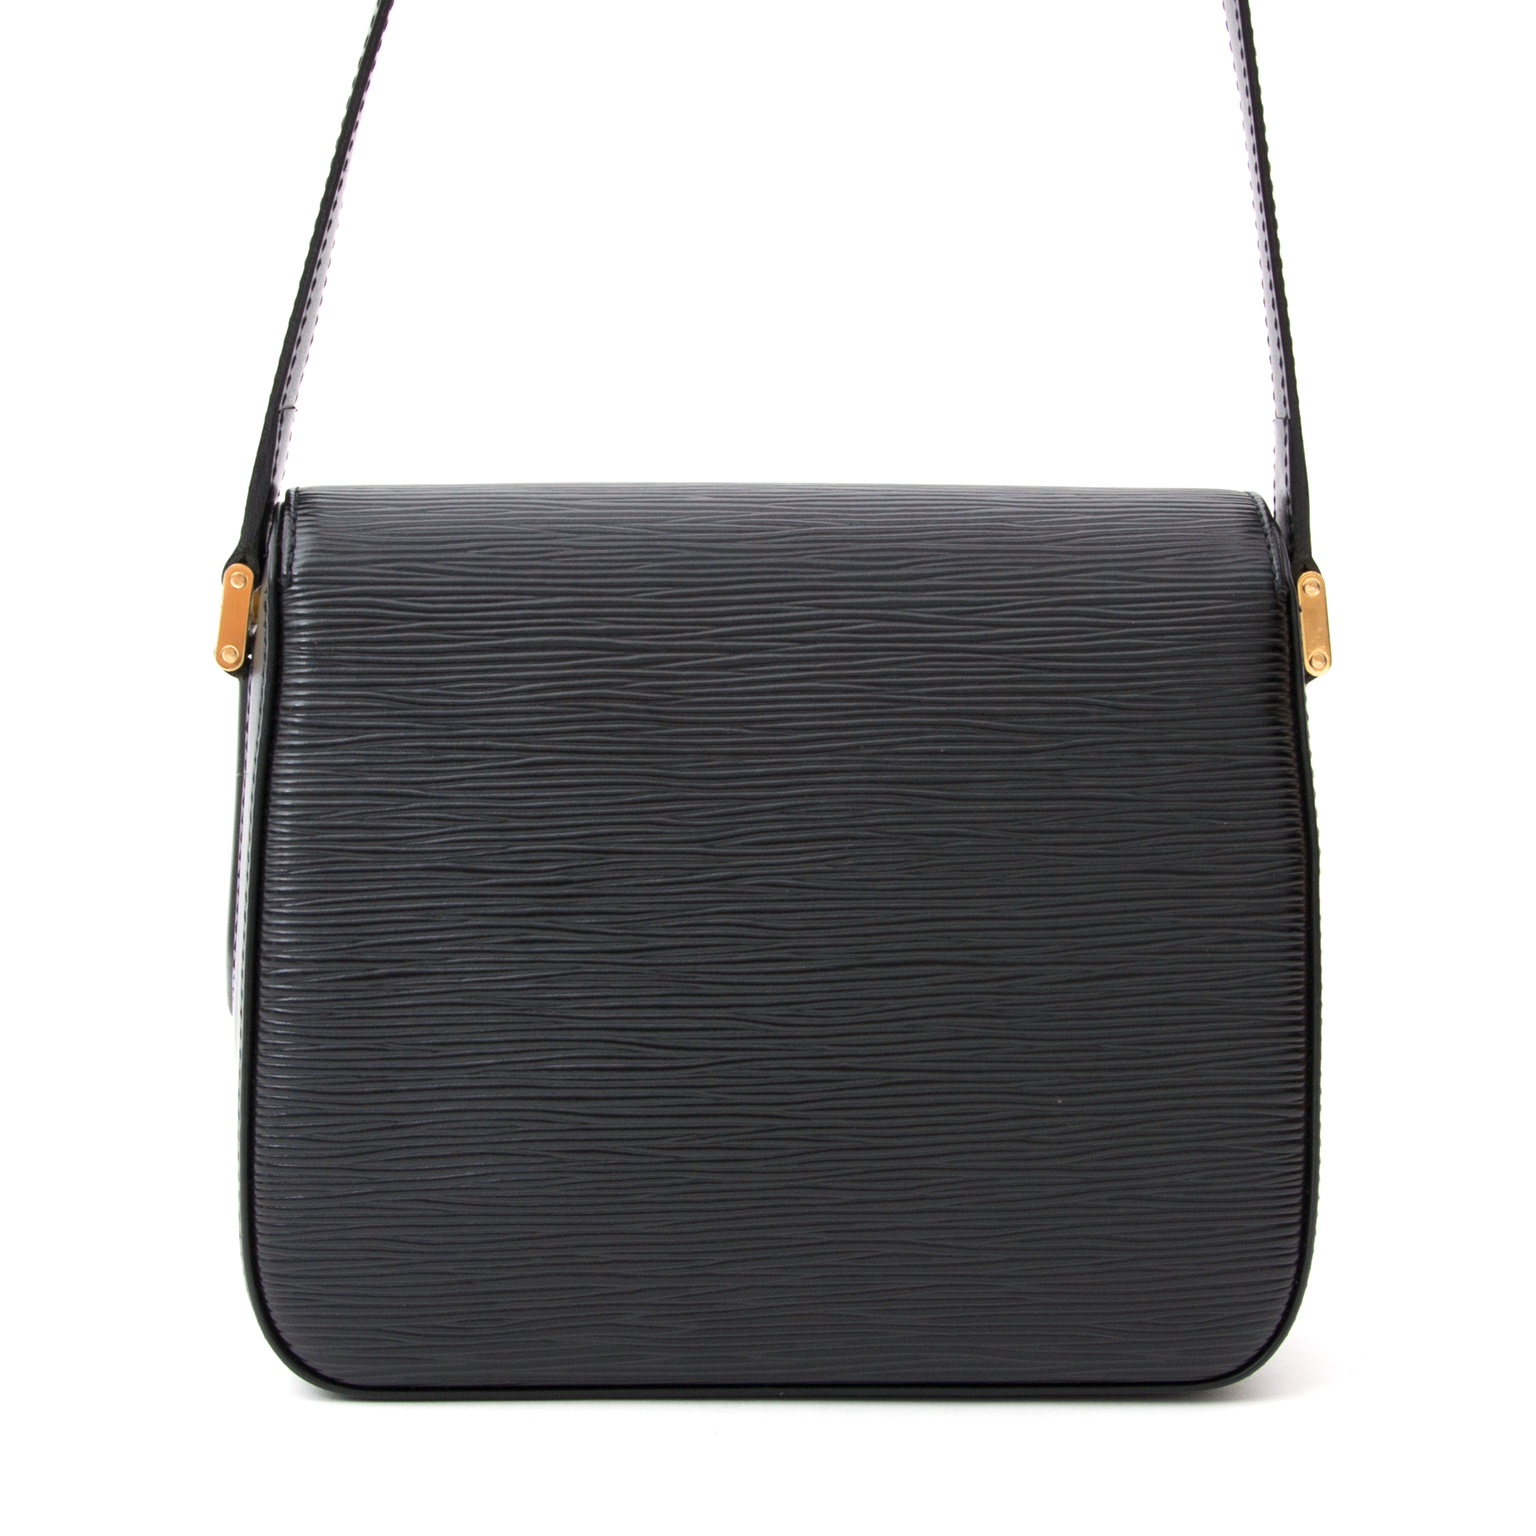 Hermes Louis Vuitton Zwarte Leren Epi Shoudertas Labellov Biedt Een Ruime Selectie Aan Nieuwe En Tweedehands